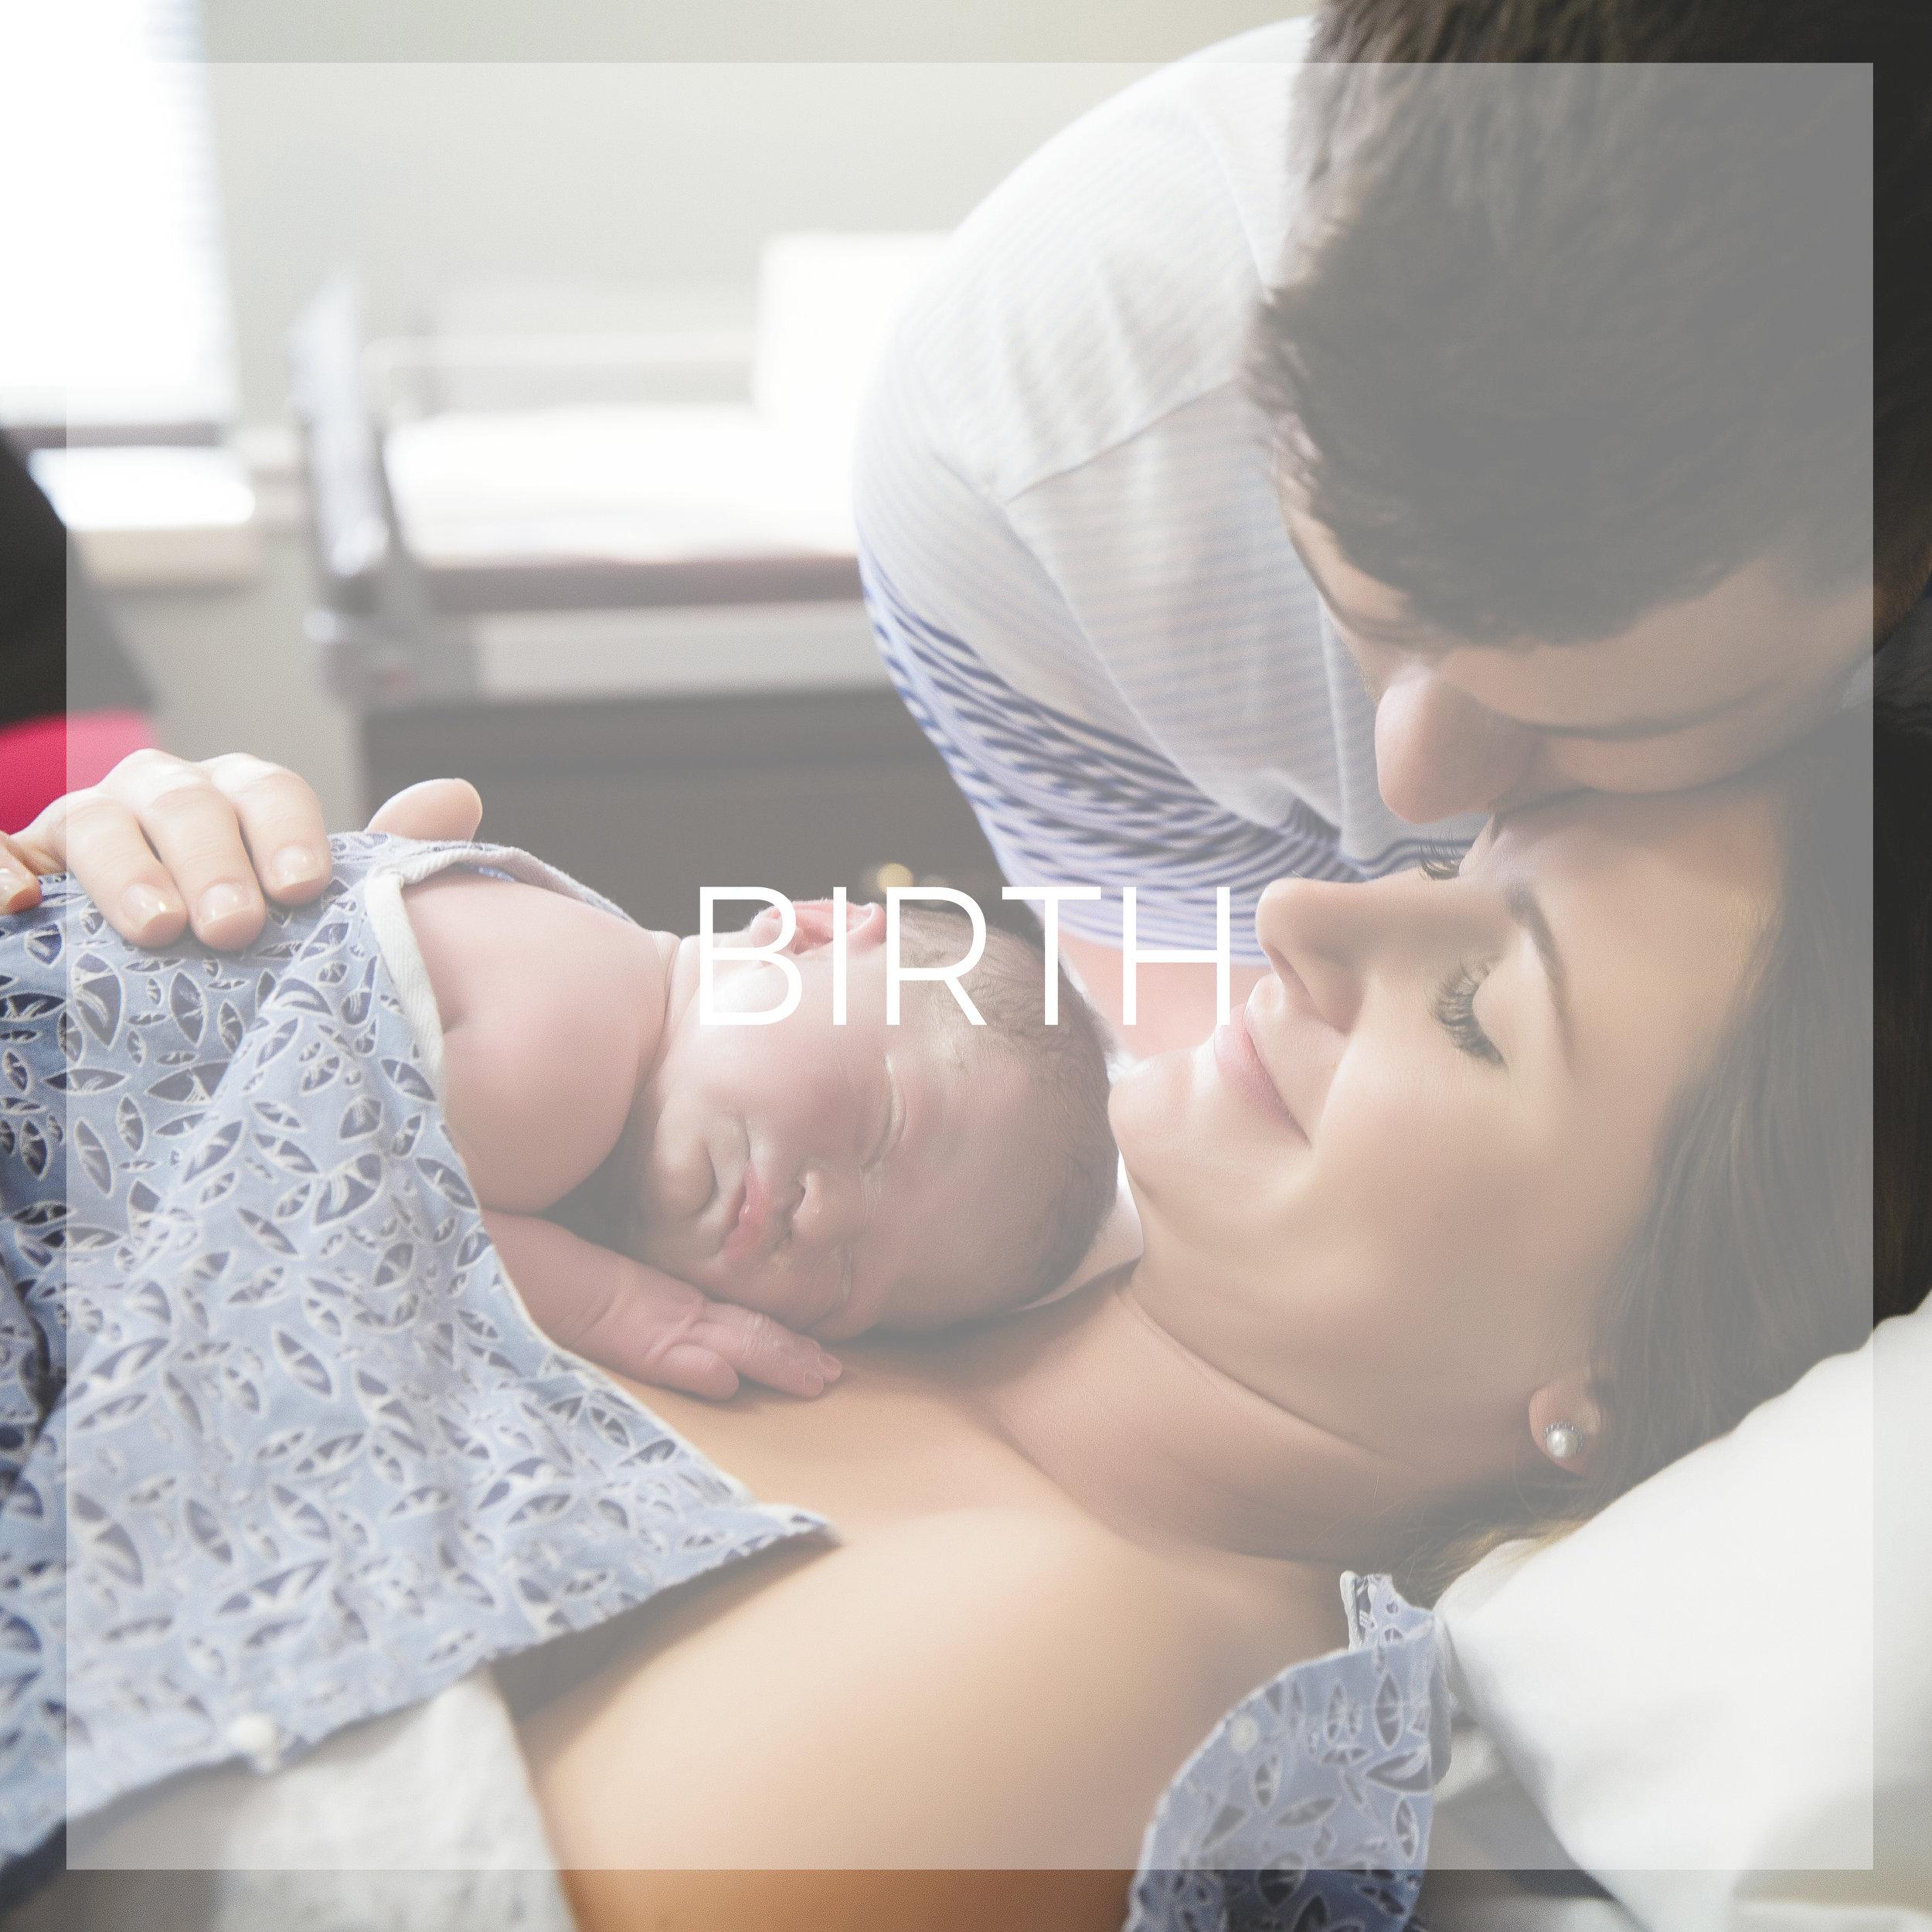 Galleries-Birth.jpg